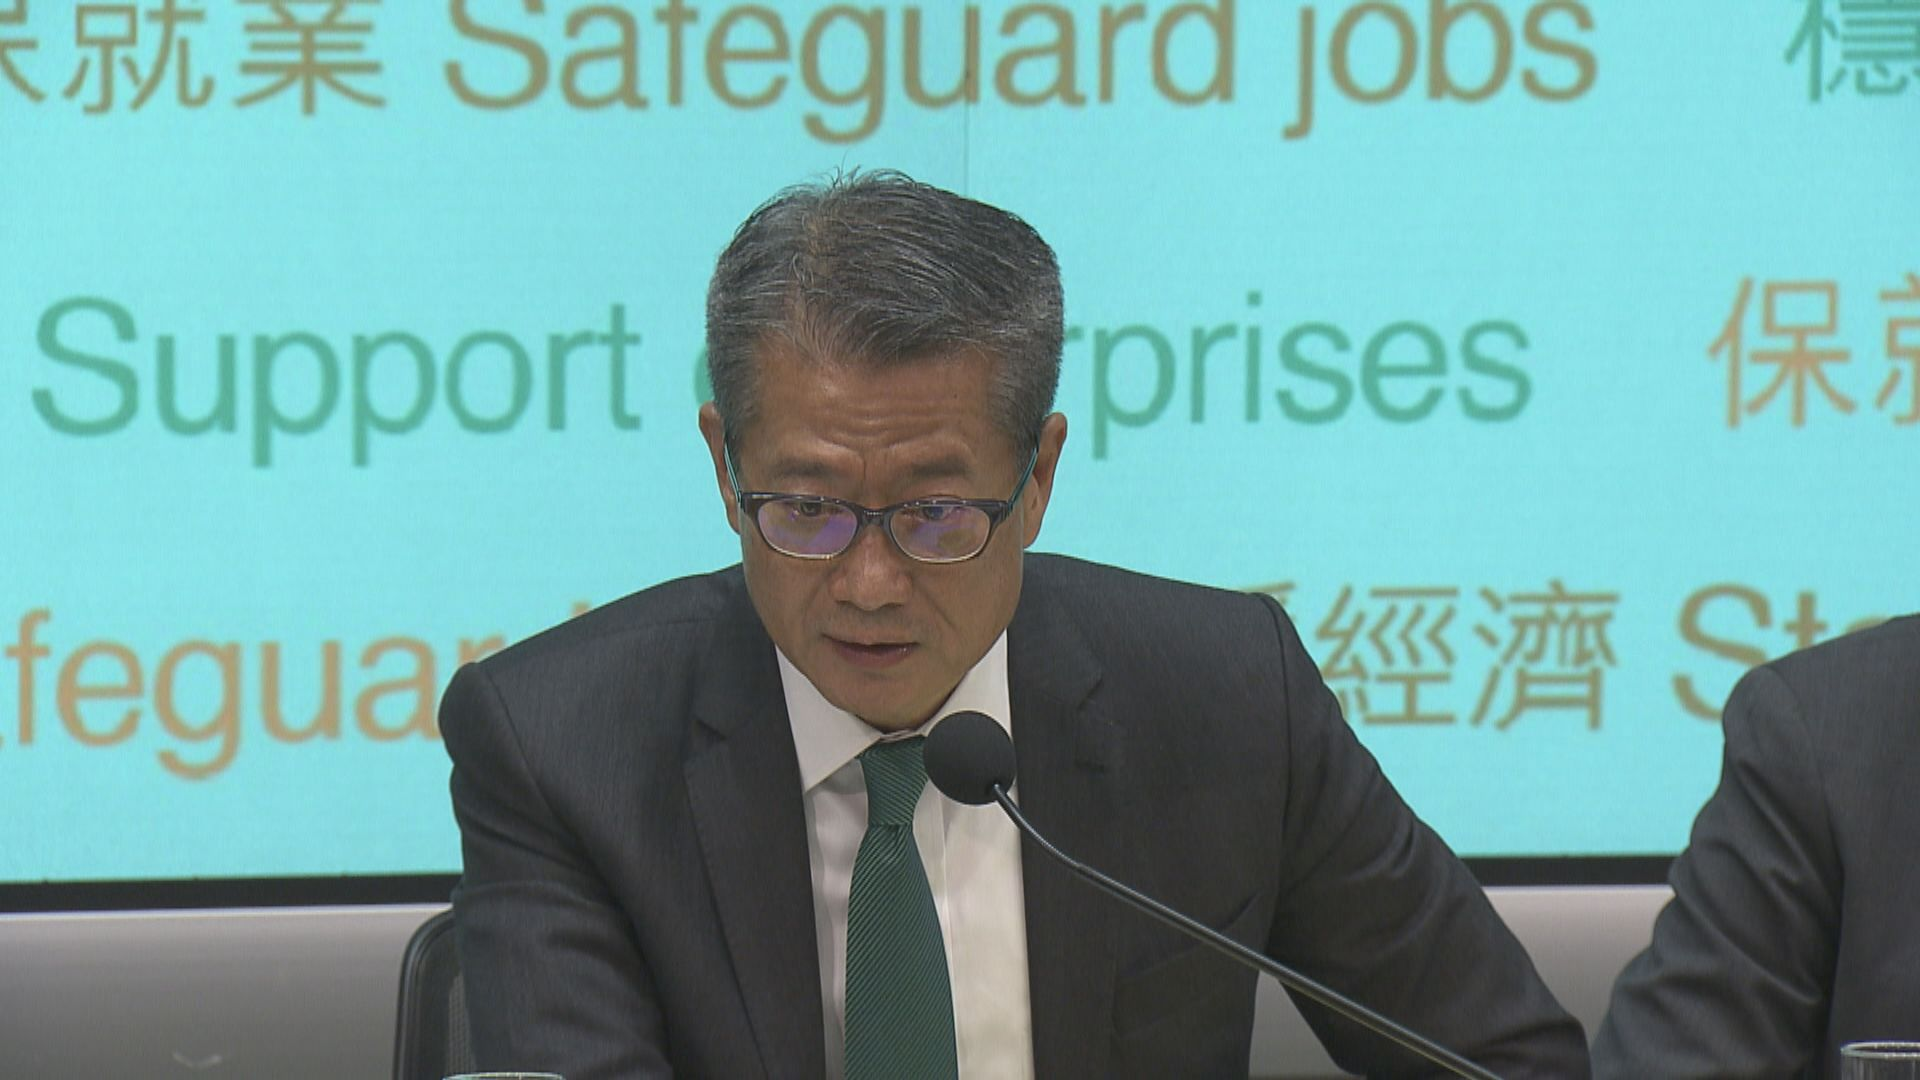 陳茂波:不放寬住宅按揭免市場有錯誤訊息